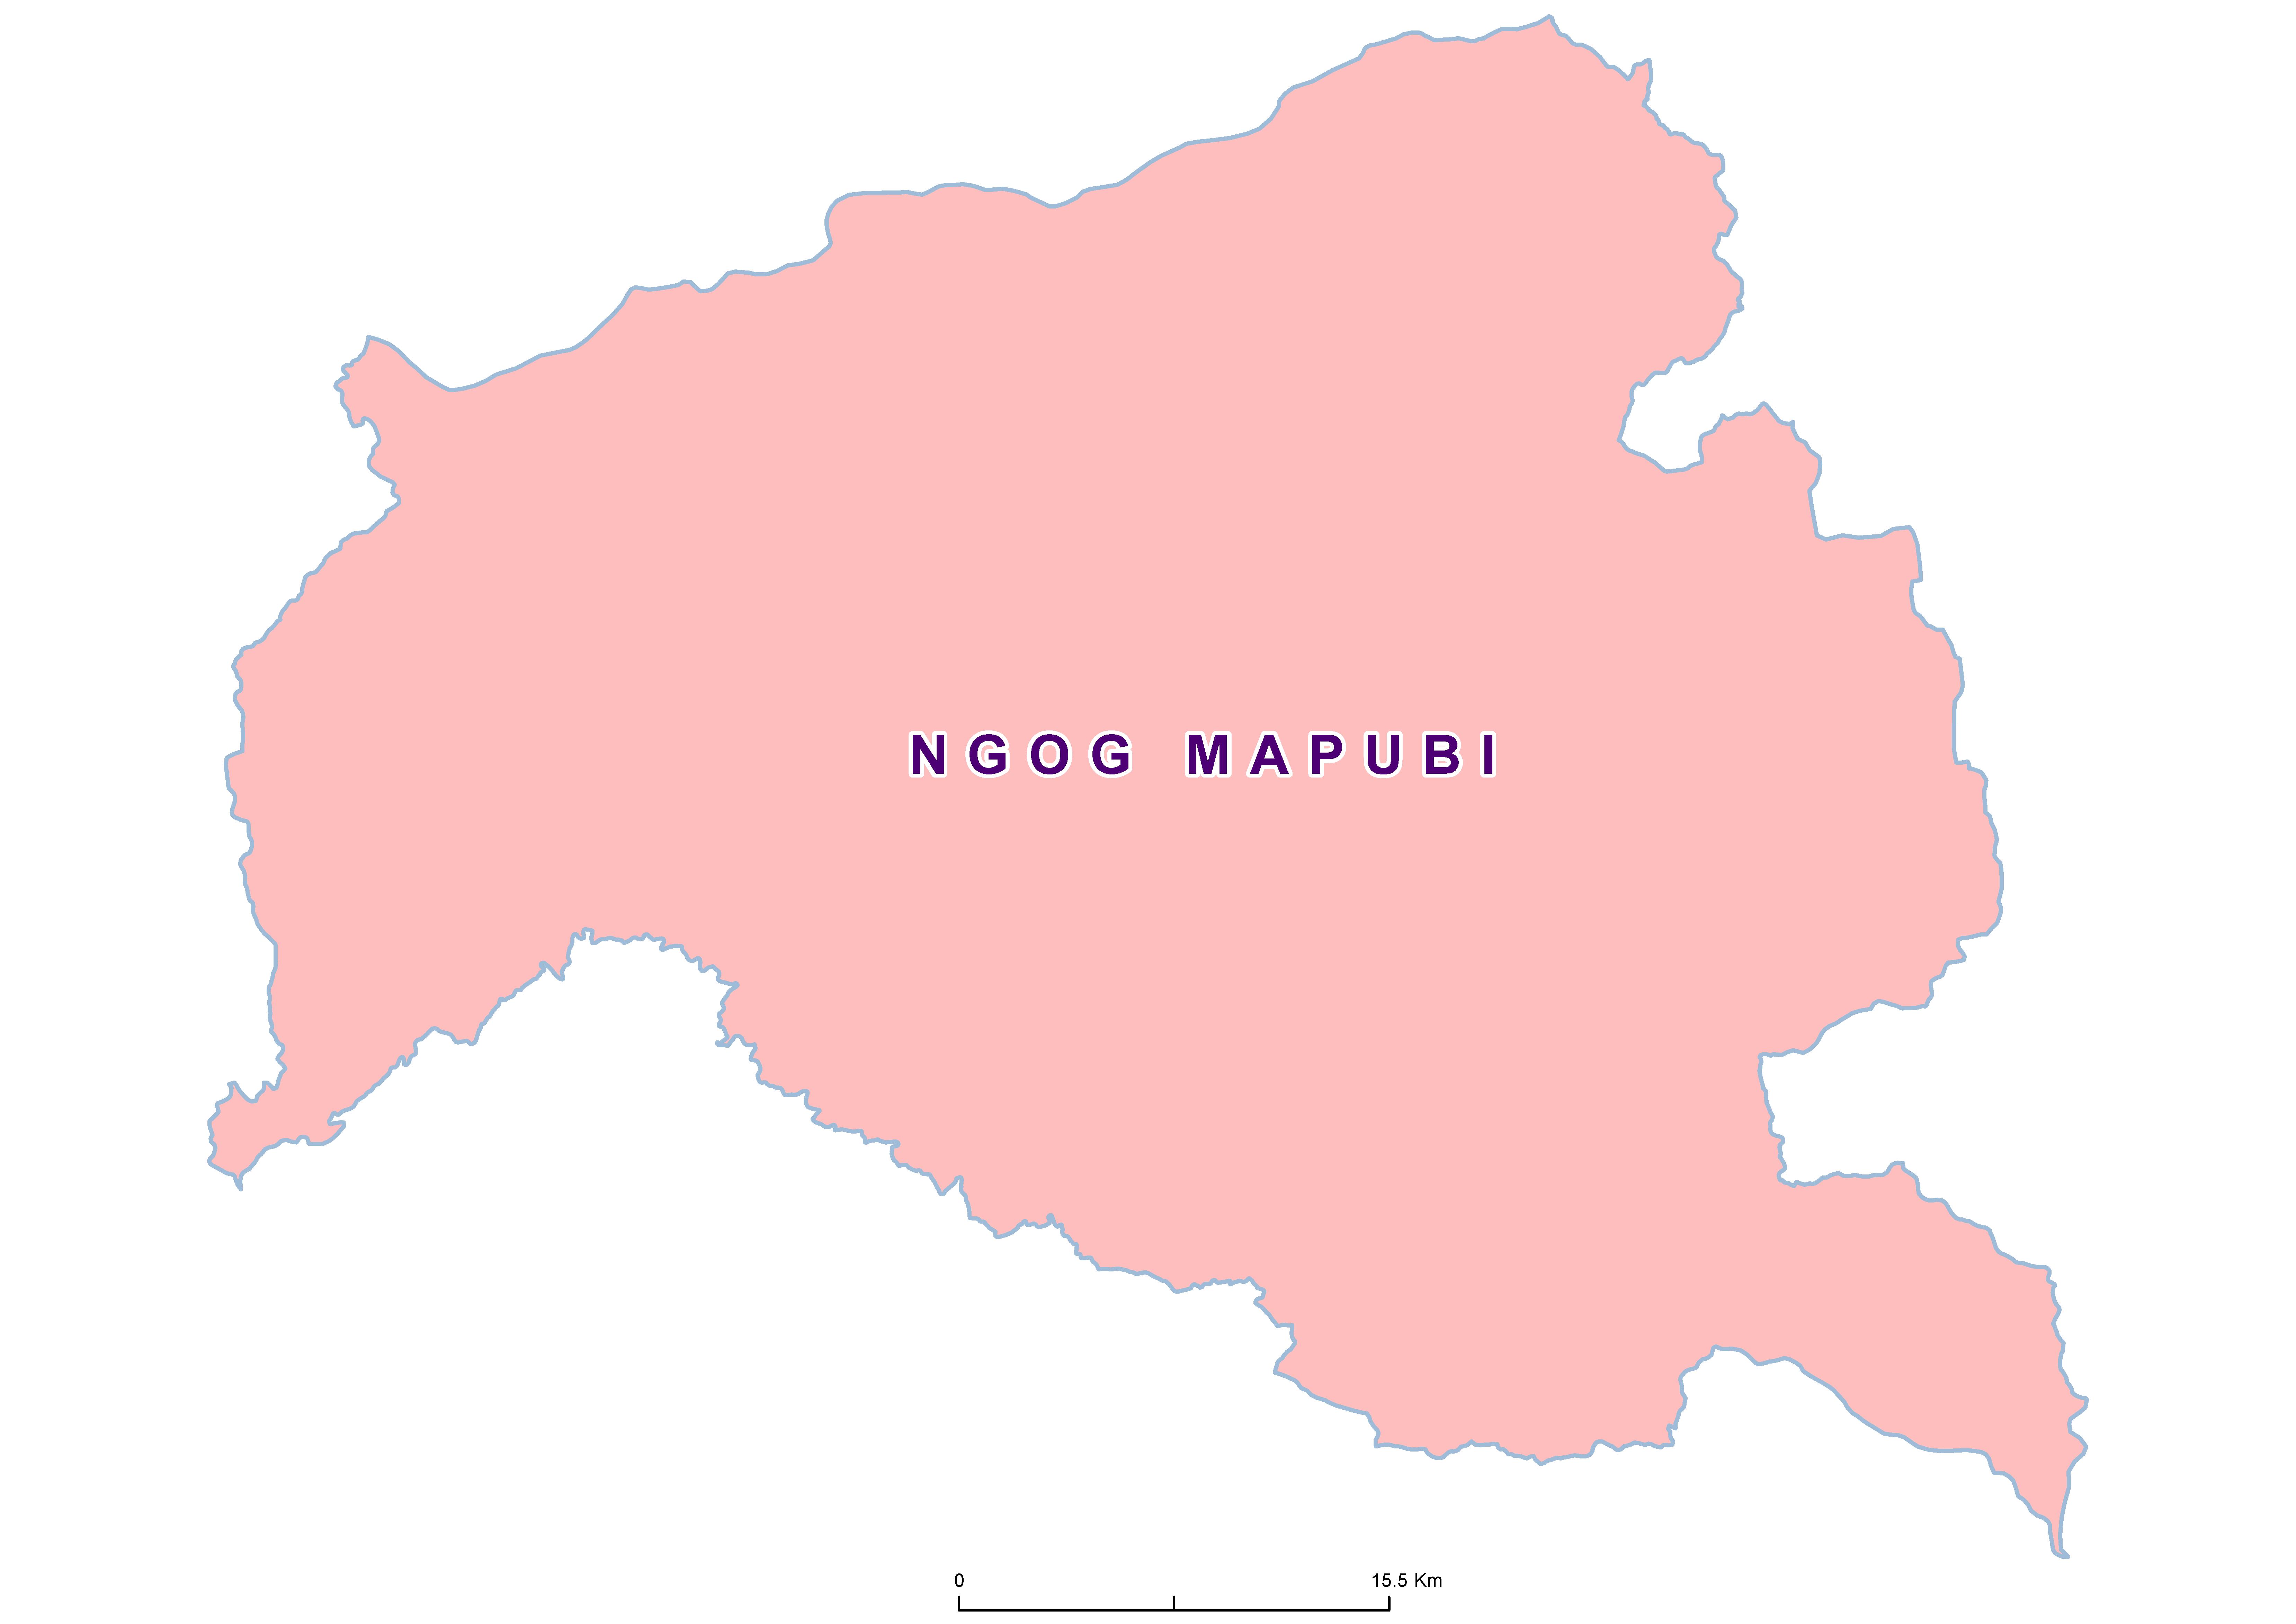 Ngog mapubi Mean SCH 20100001